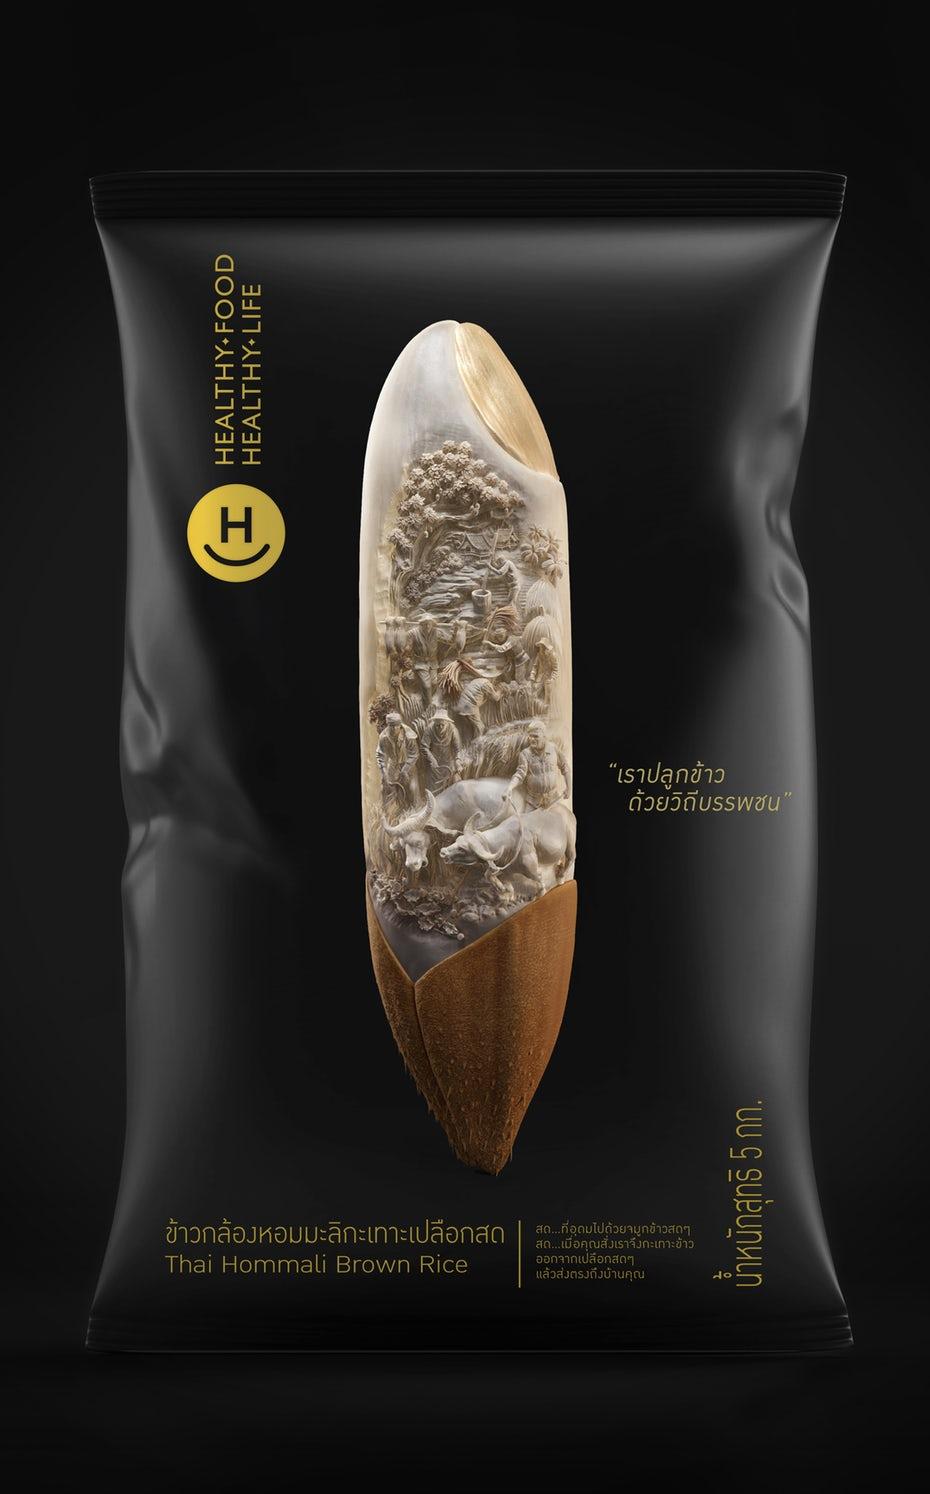 Packaging design trends 2020 example: Metamorphoses Elegant Thai rice packaging